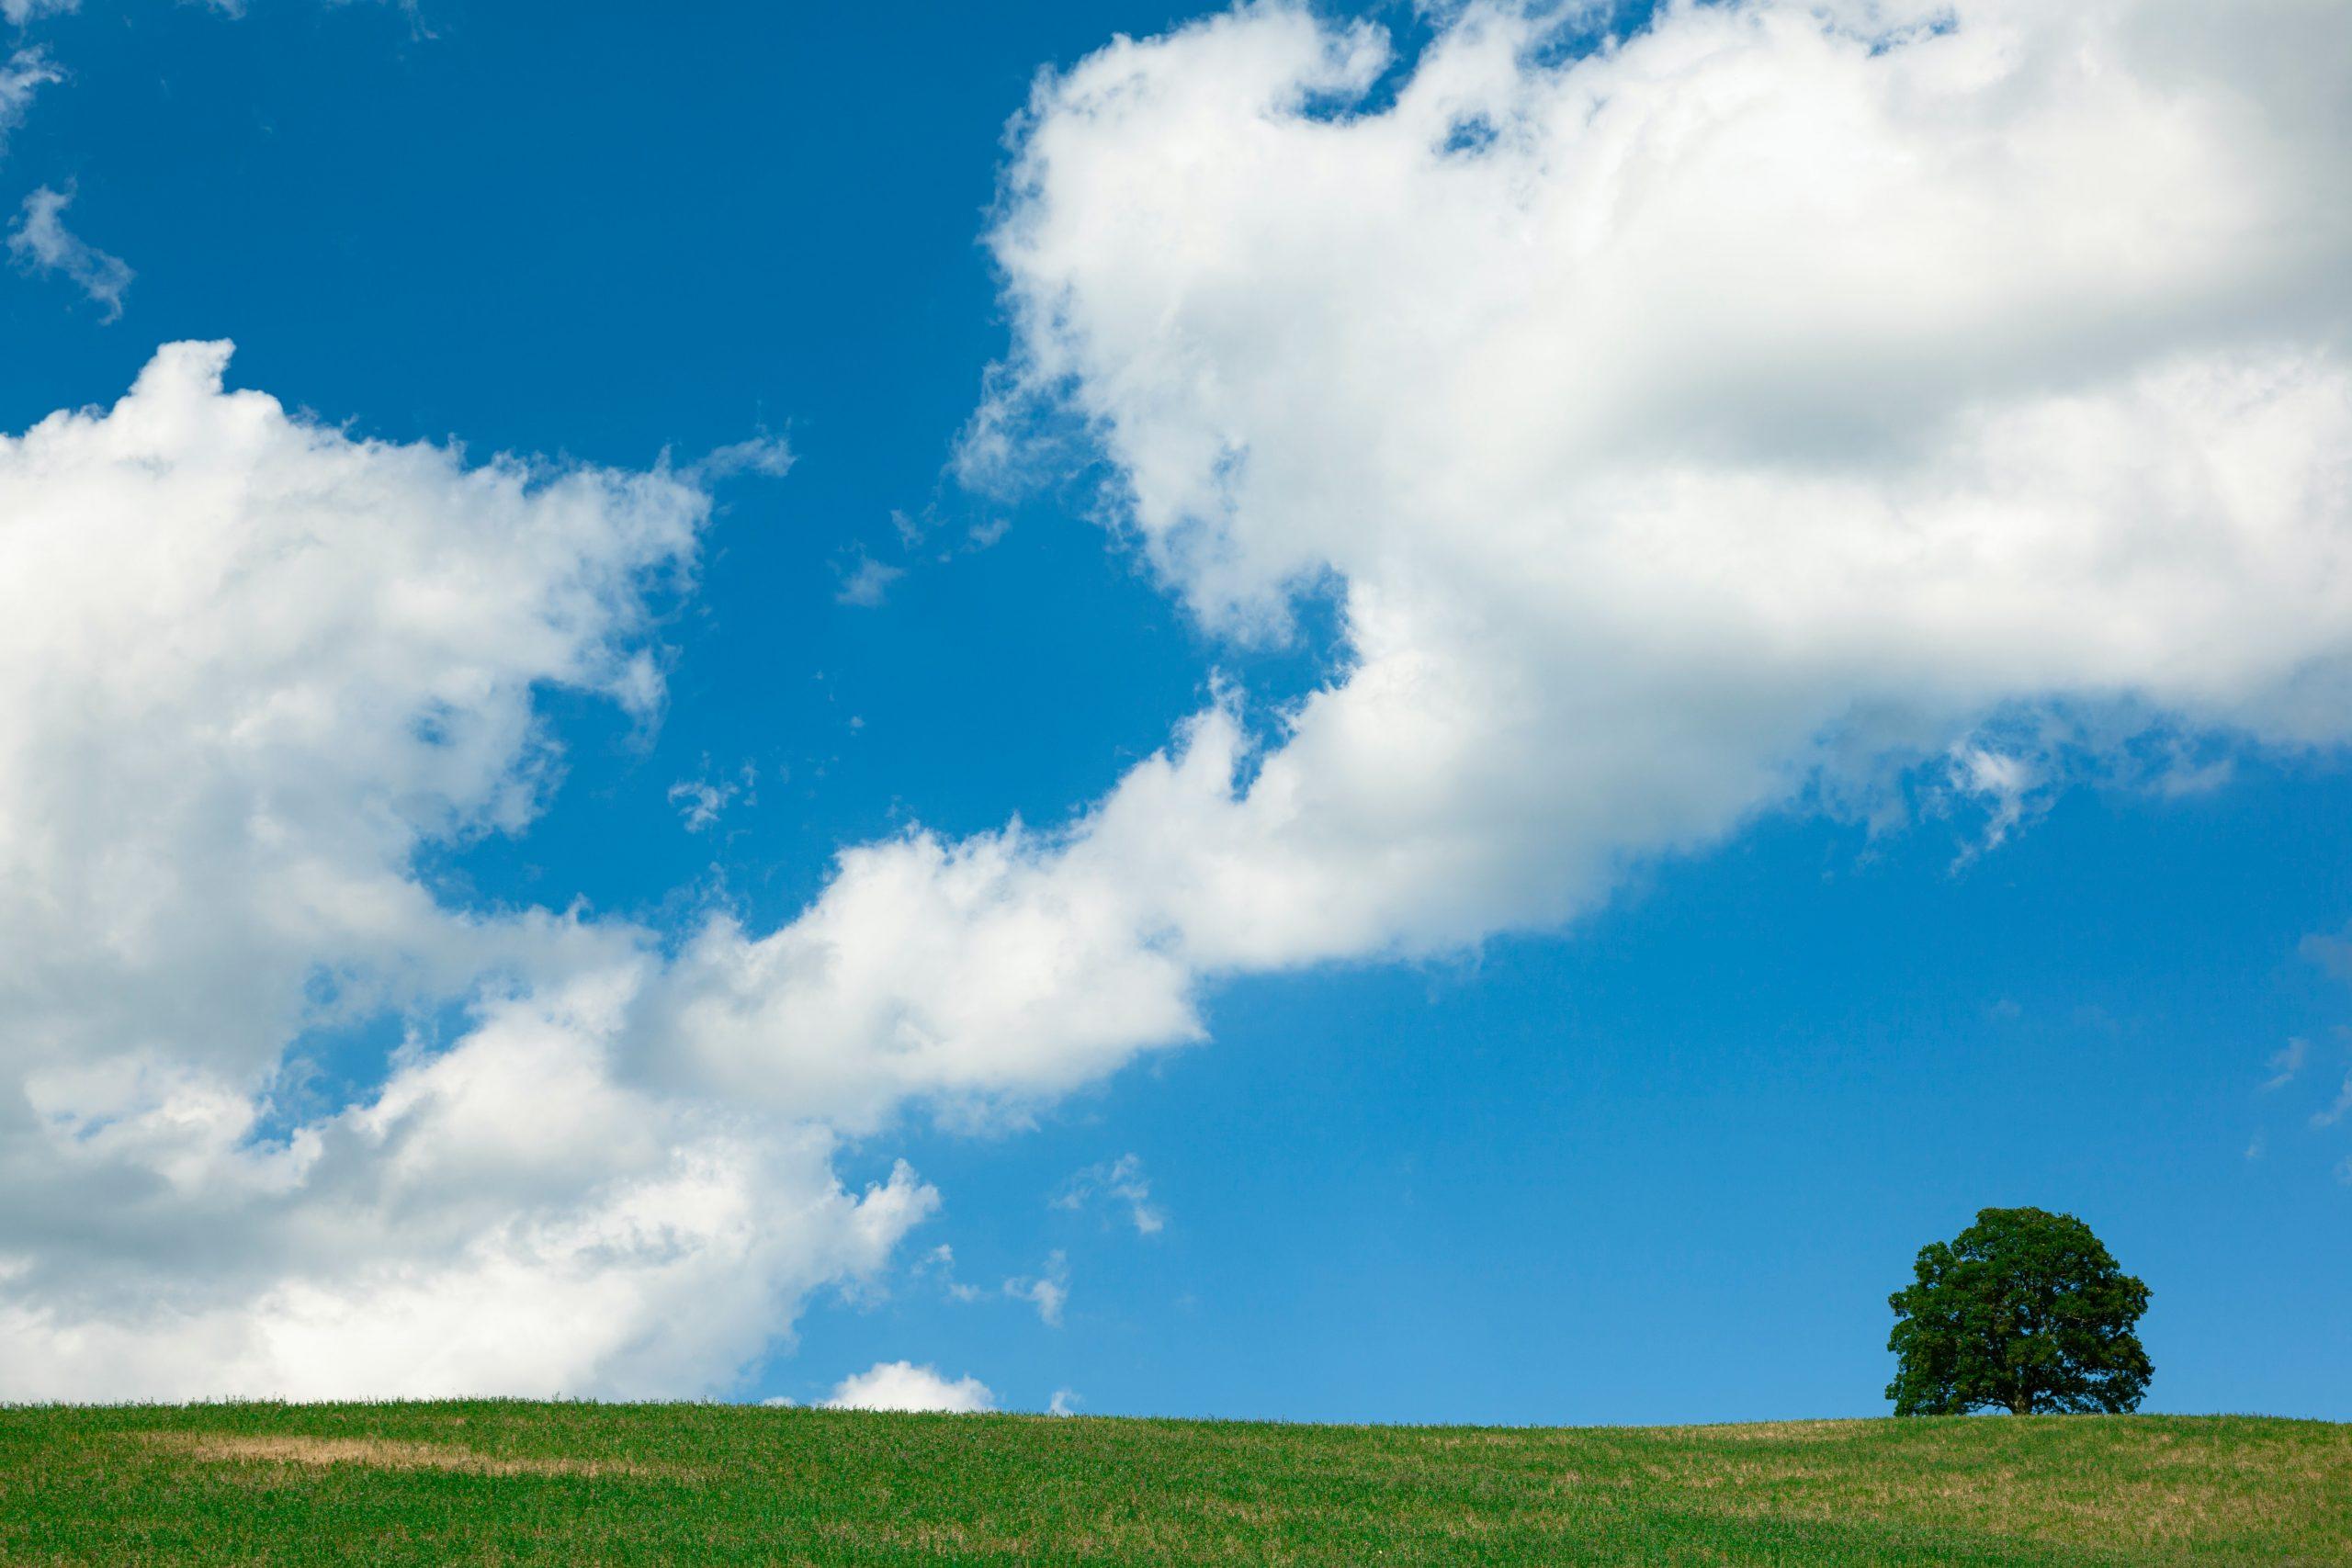 La tutela dell'ambiente entra nei principi fondamentali della Costituzione italiana